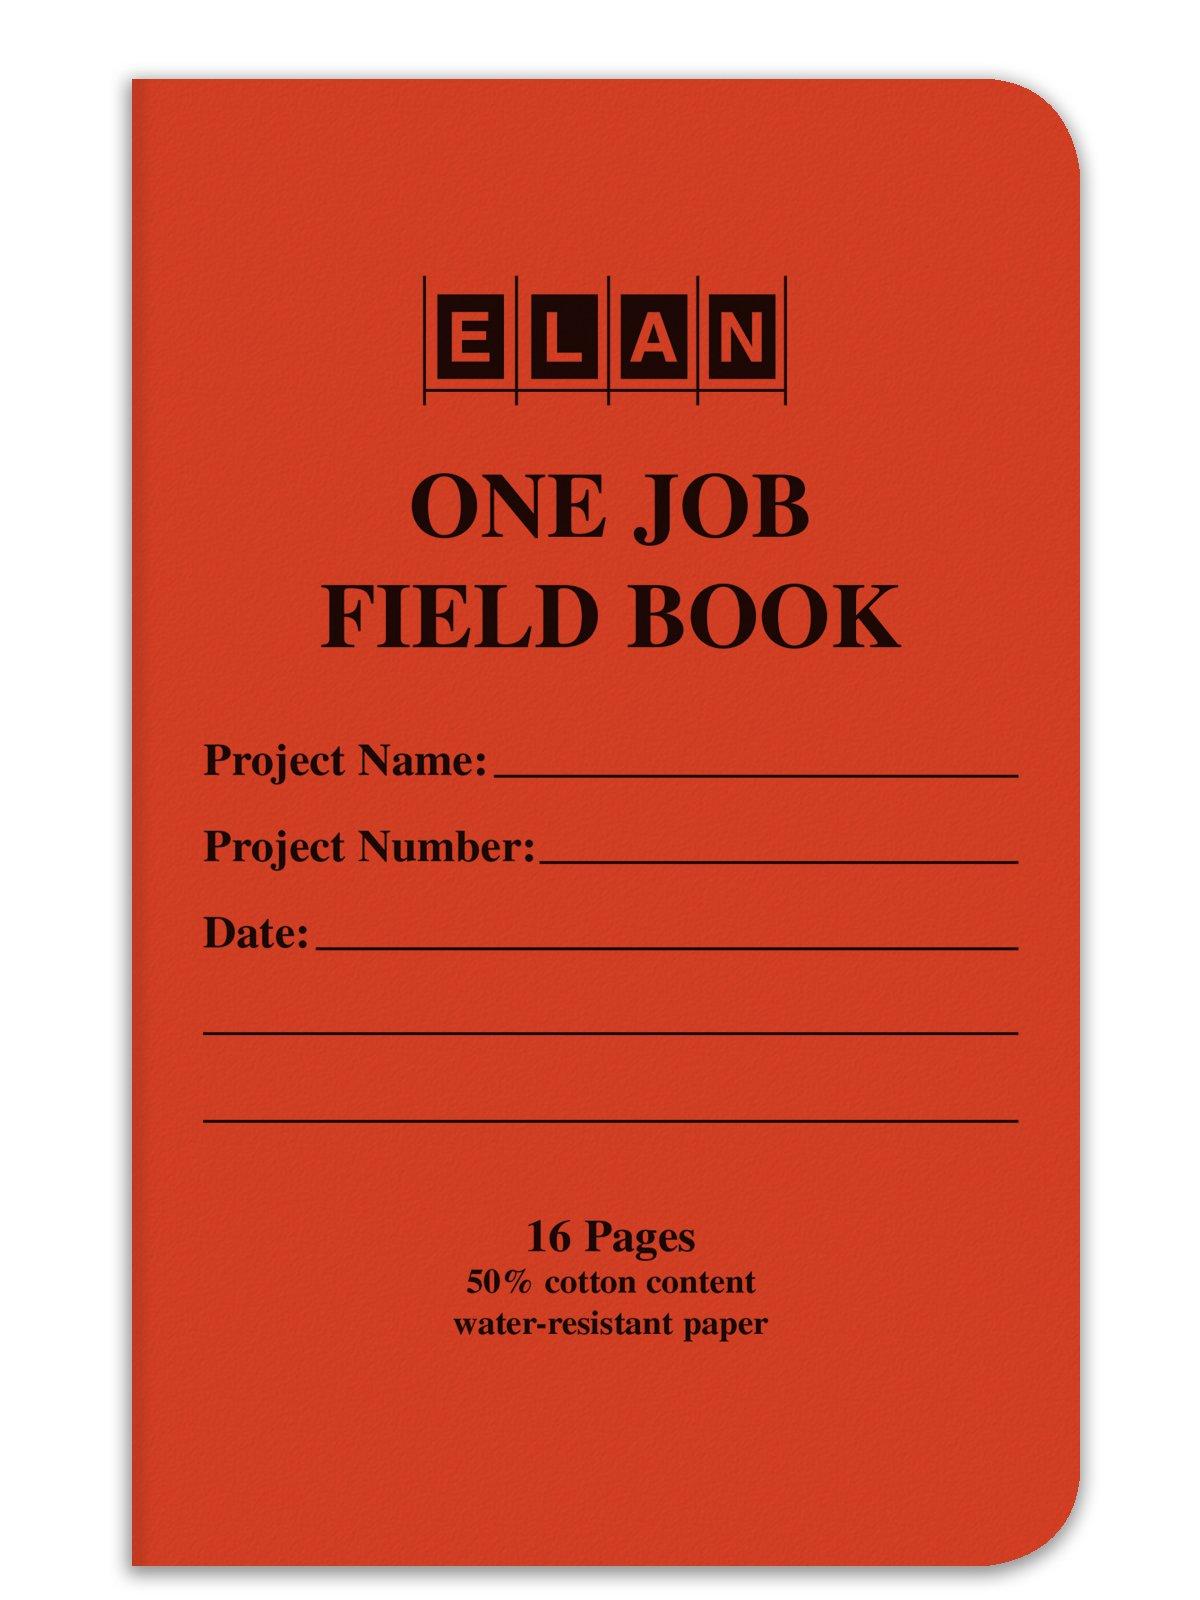 Elan Publishing Company One-Job Saddle Stitched Field Surveying Book 4 ⅝ x 7 Orange Stiff Cover (Pack of 24)